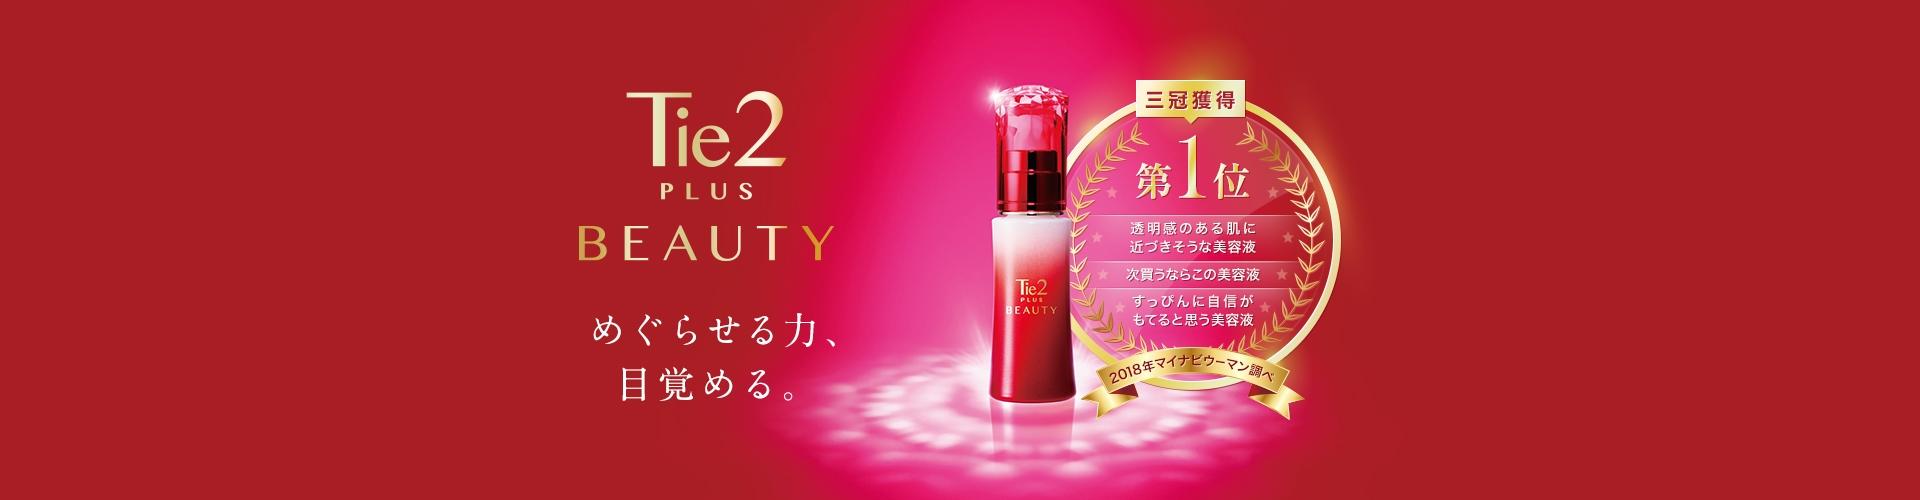 Tie2 Plus Beauty めぐらせる力、目覚める。